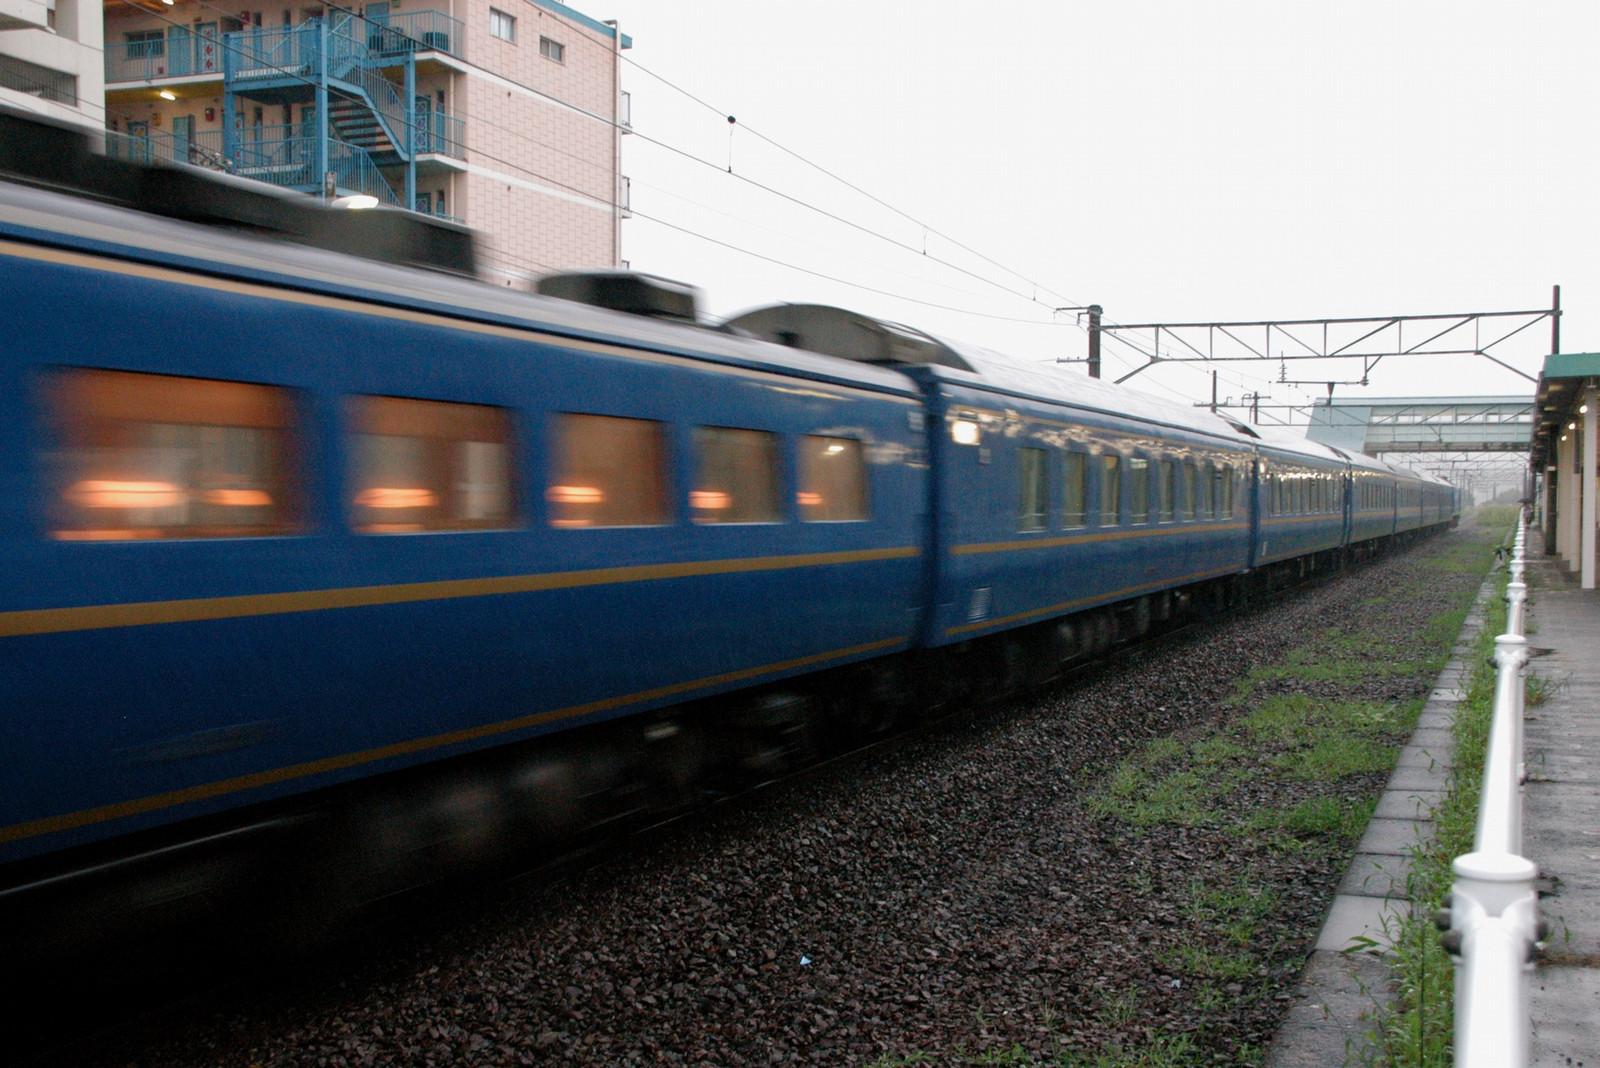 Dsc_4438